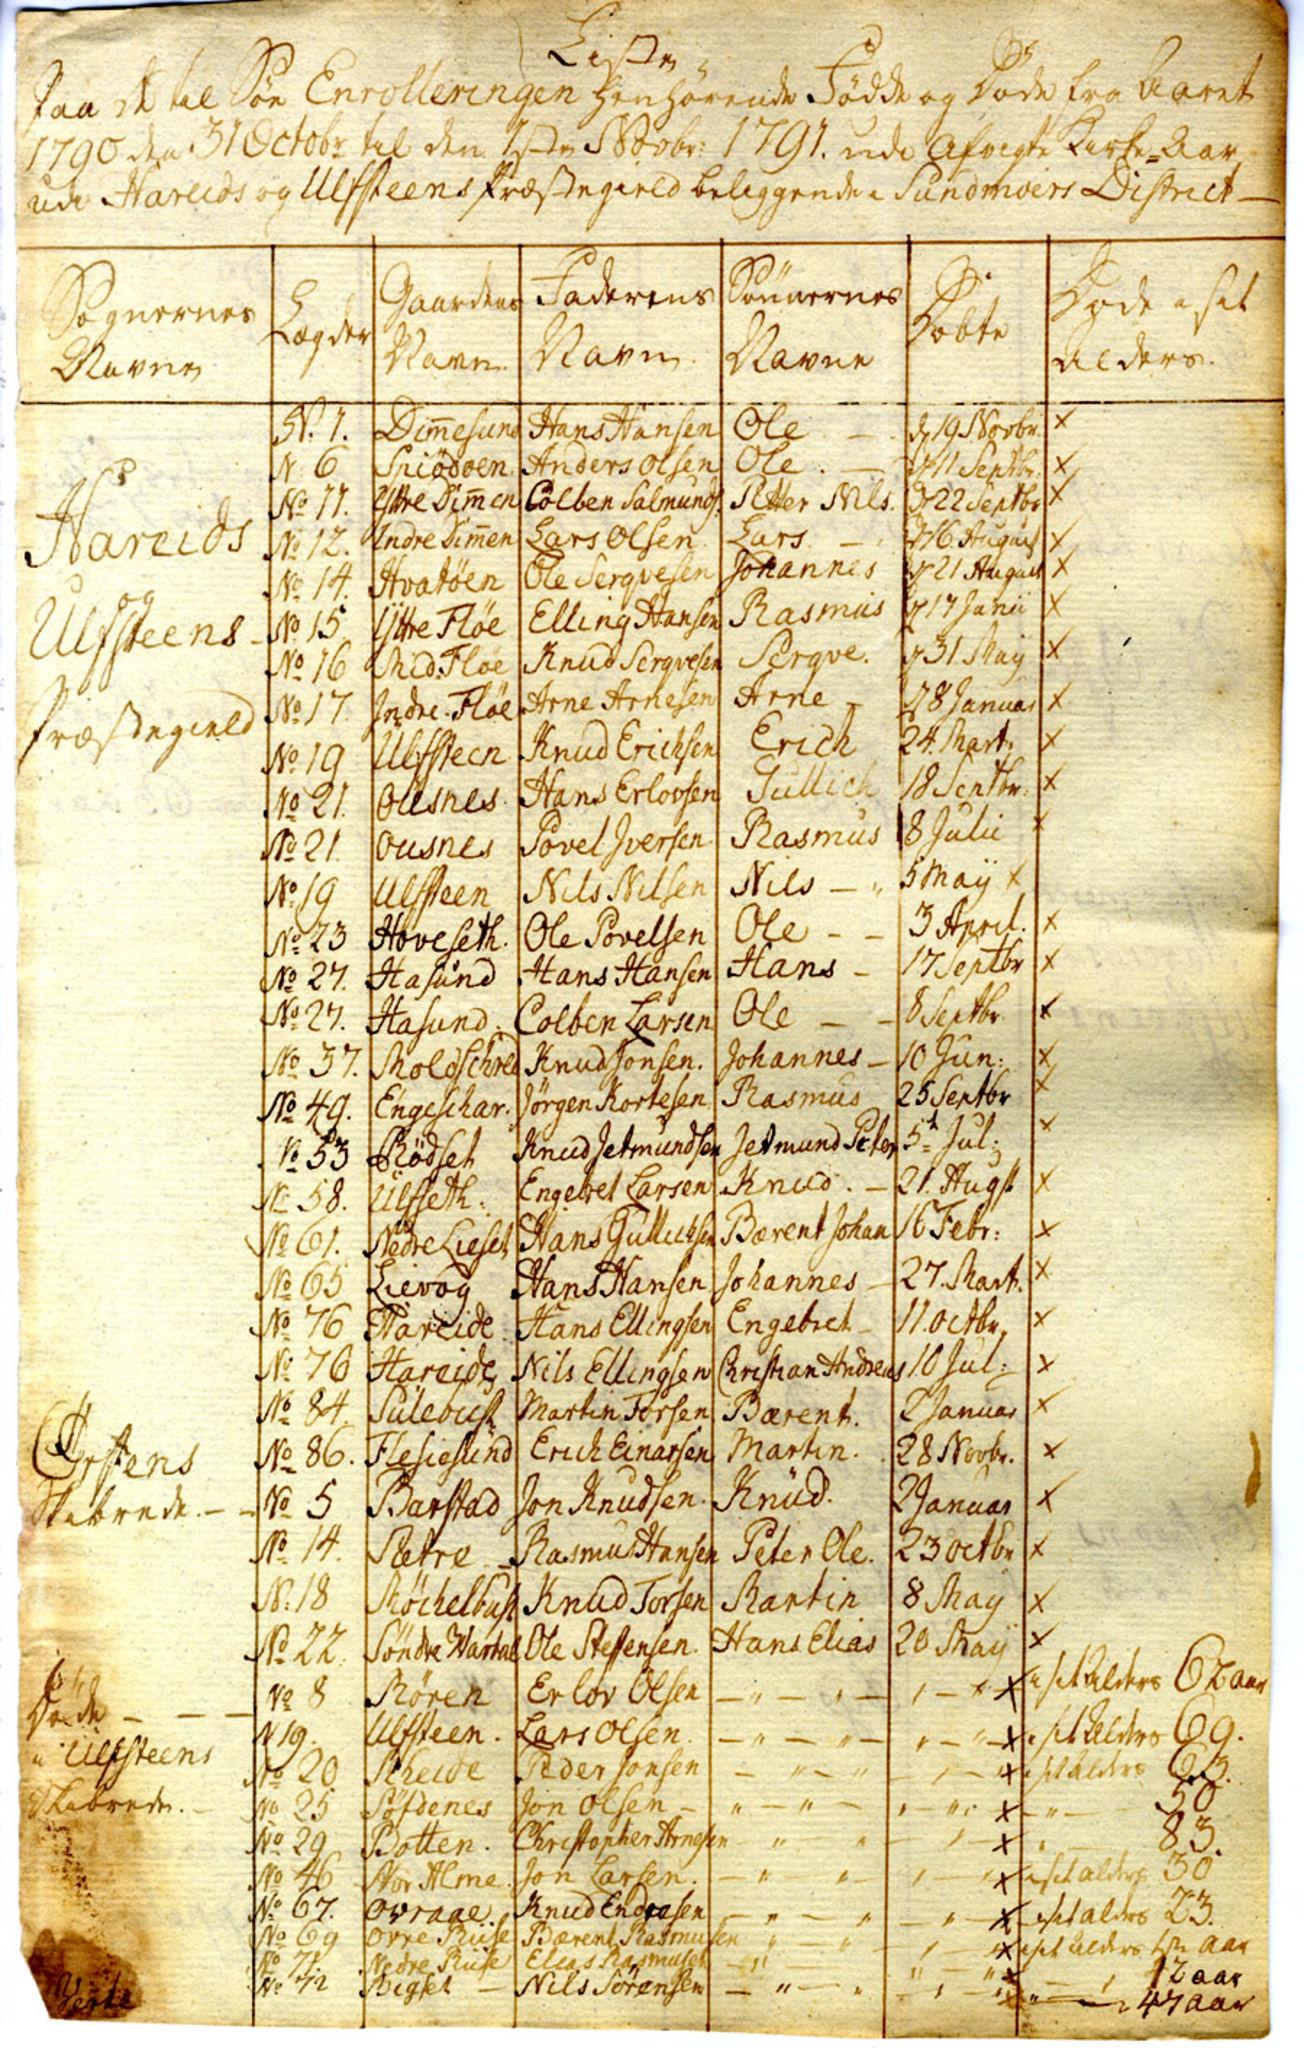 SAB, Innrulleringssjefen i Bergen, 1791-1804